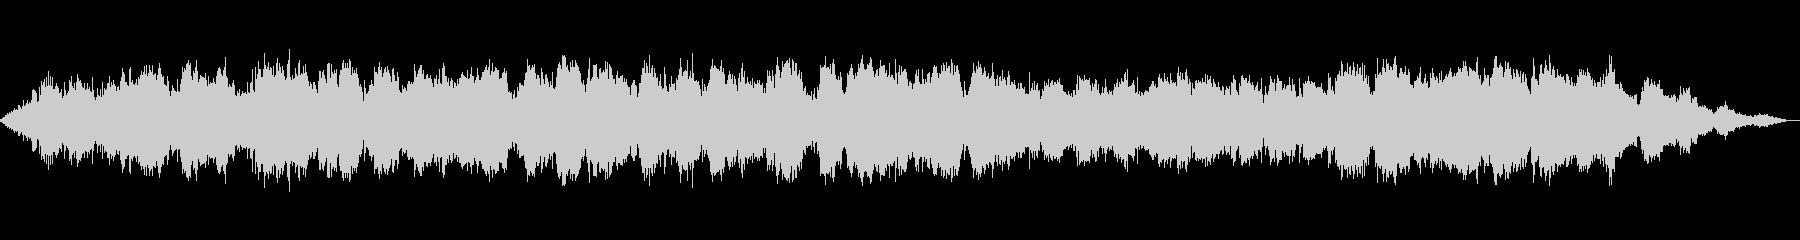 ひっそりと静かな笛とシンセサイザーの音楽の未再生の波形